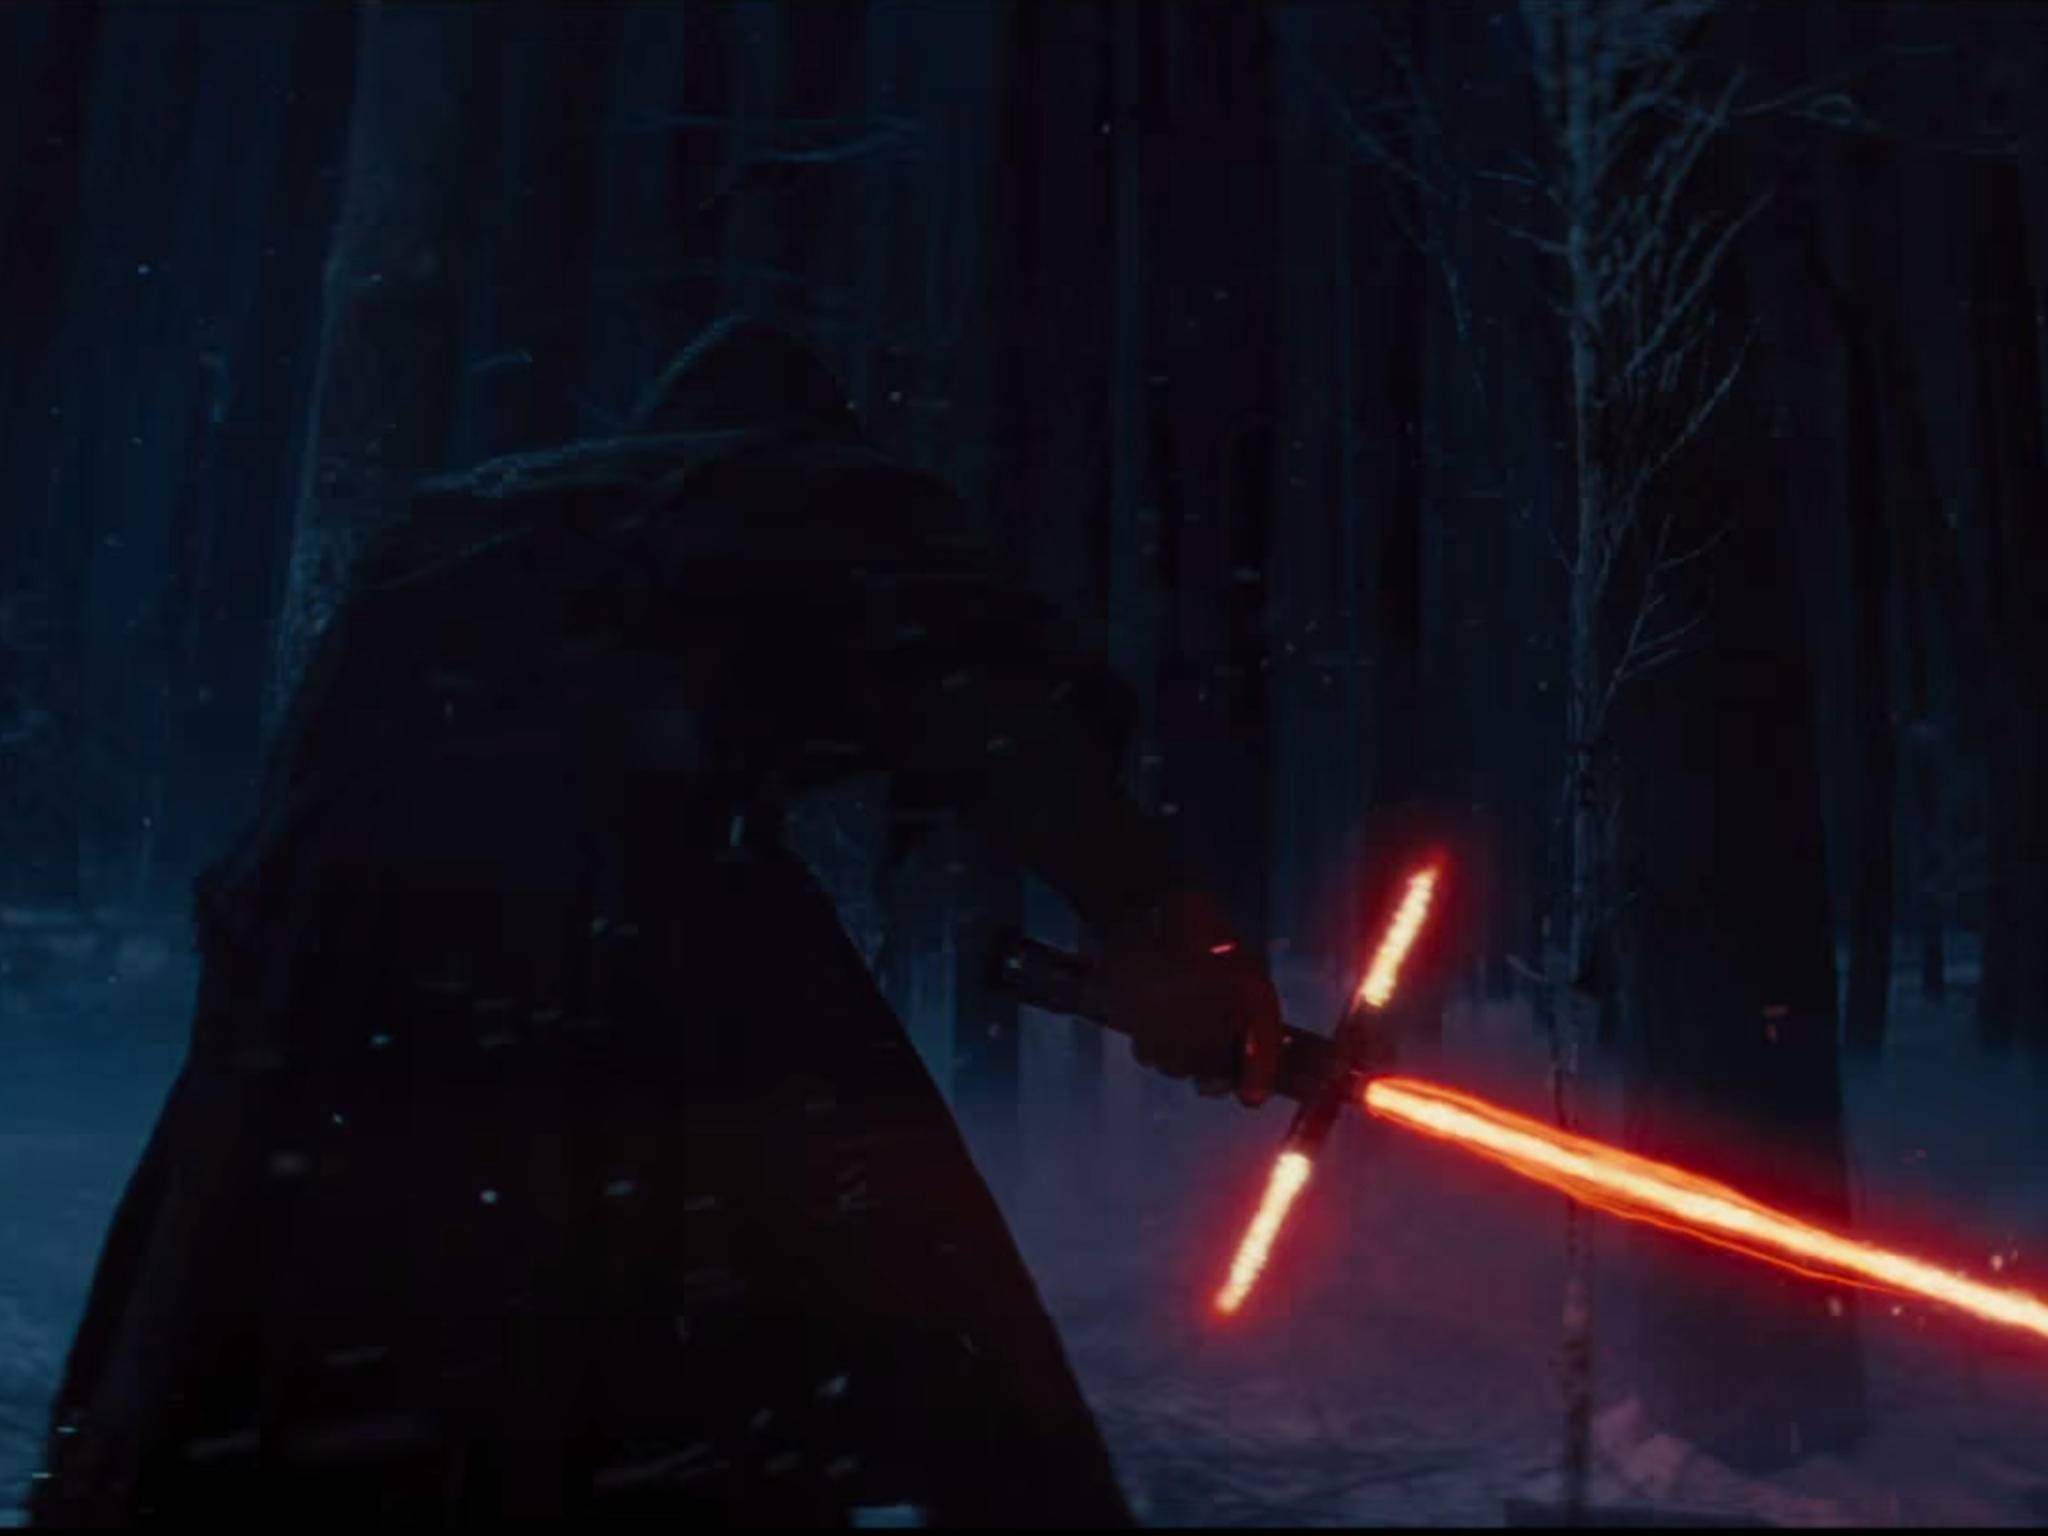 Der mysteriöse Sith aus dem Trailer heißt Kylo Ren.